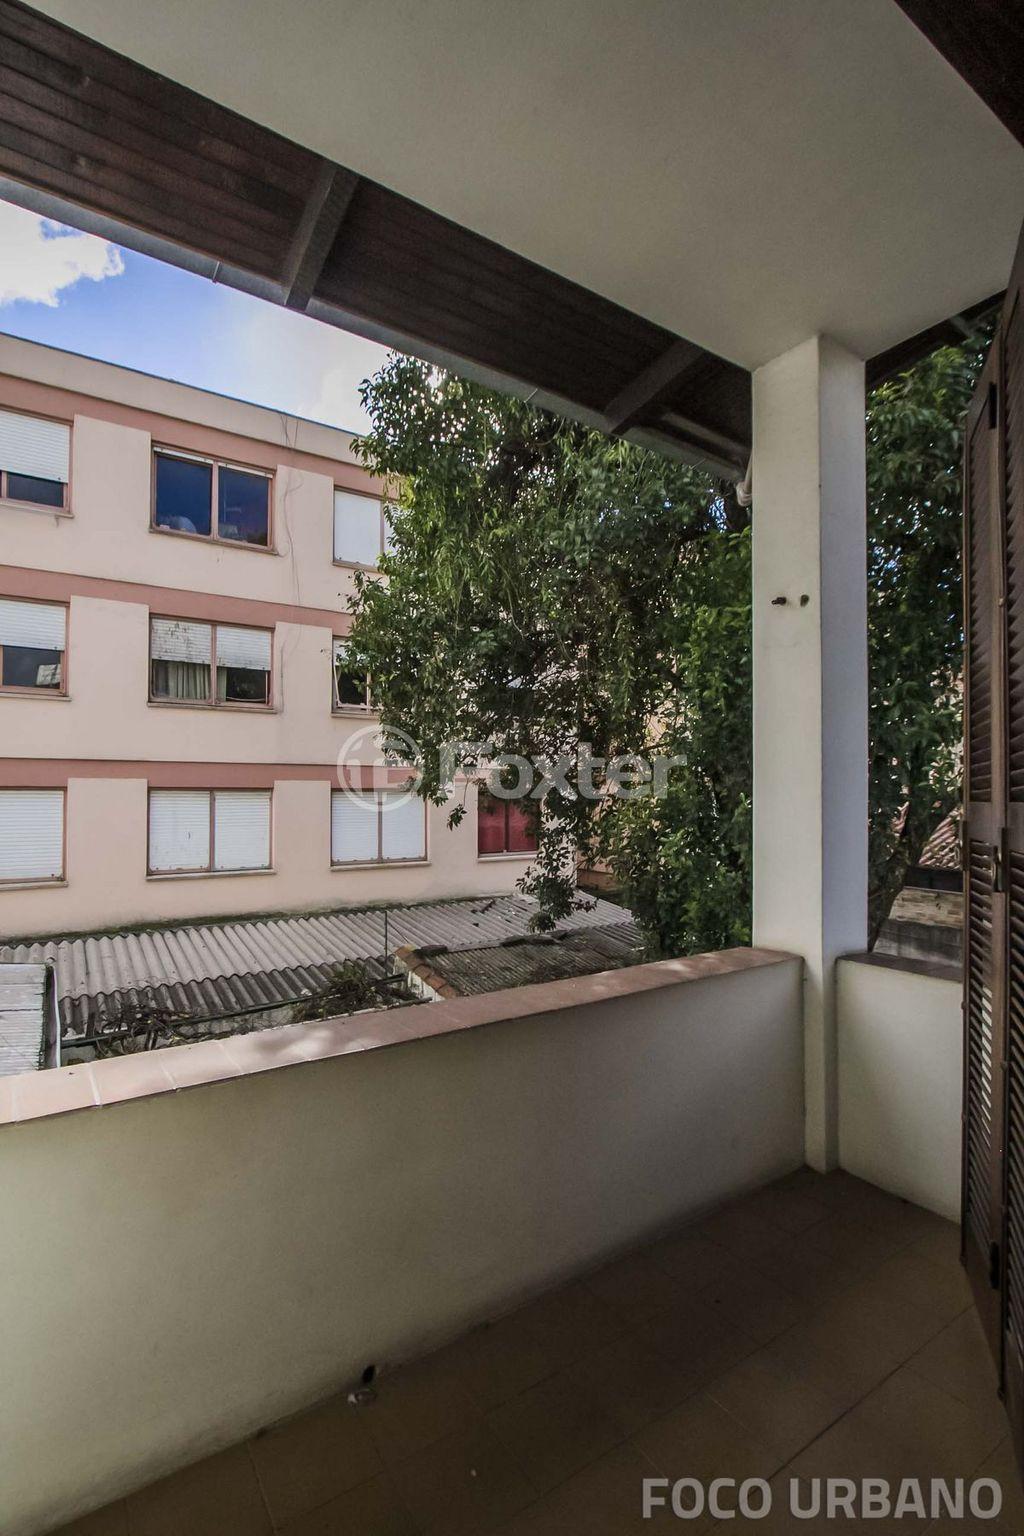 Casa 4 Dorm, Passo da Areia, Porto Alegre (136957) - Foto 43